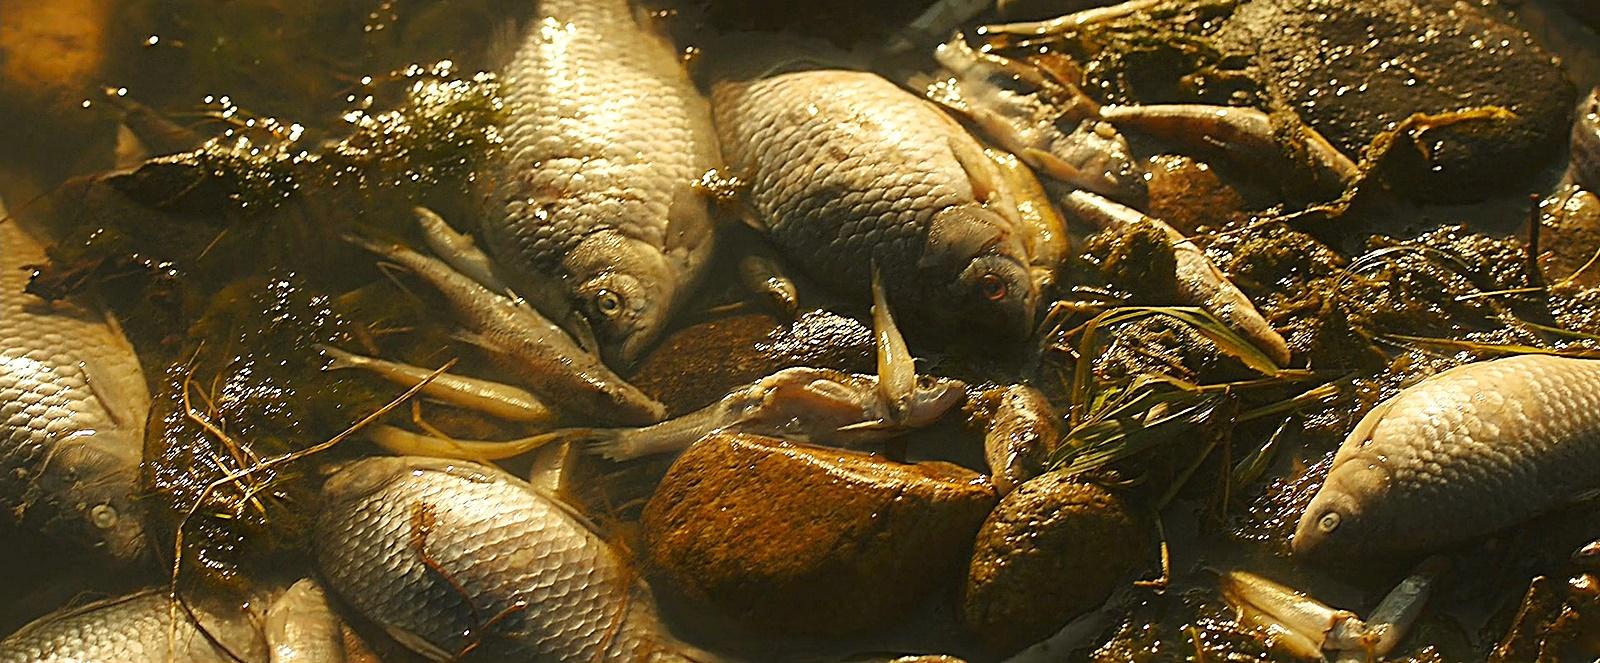 하천 물고기 떼죽음